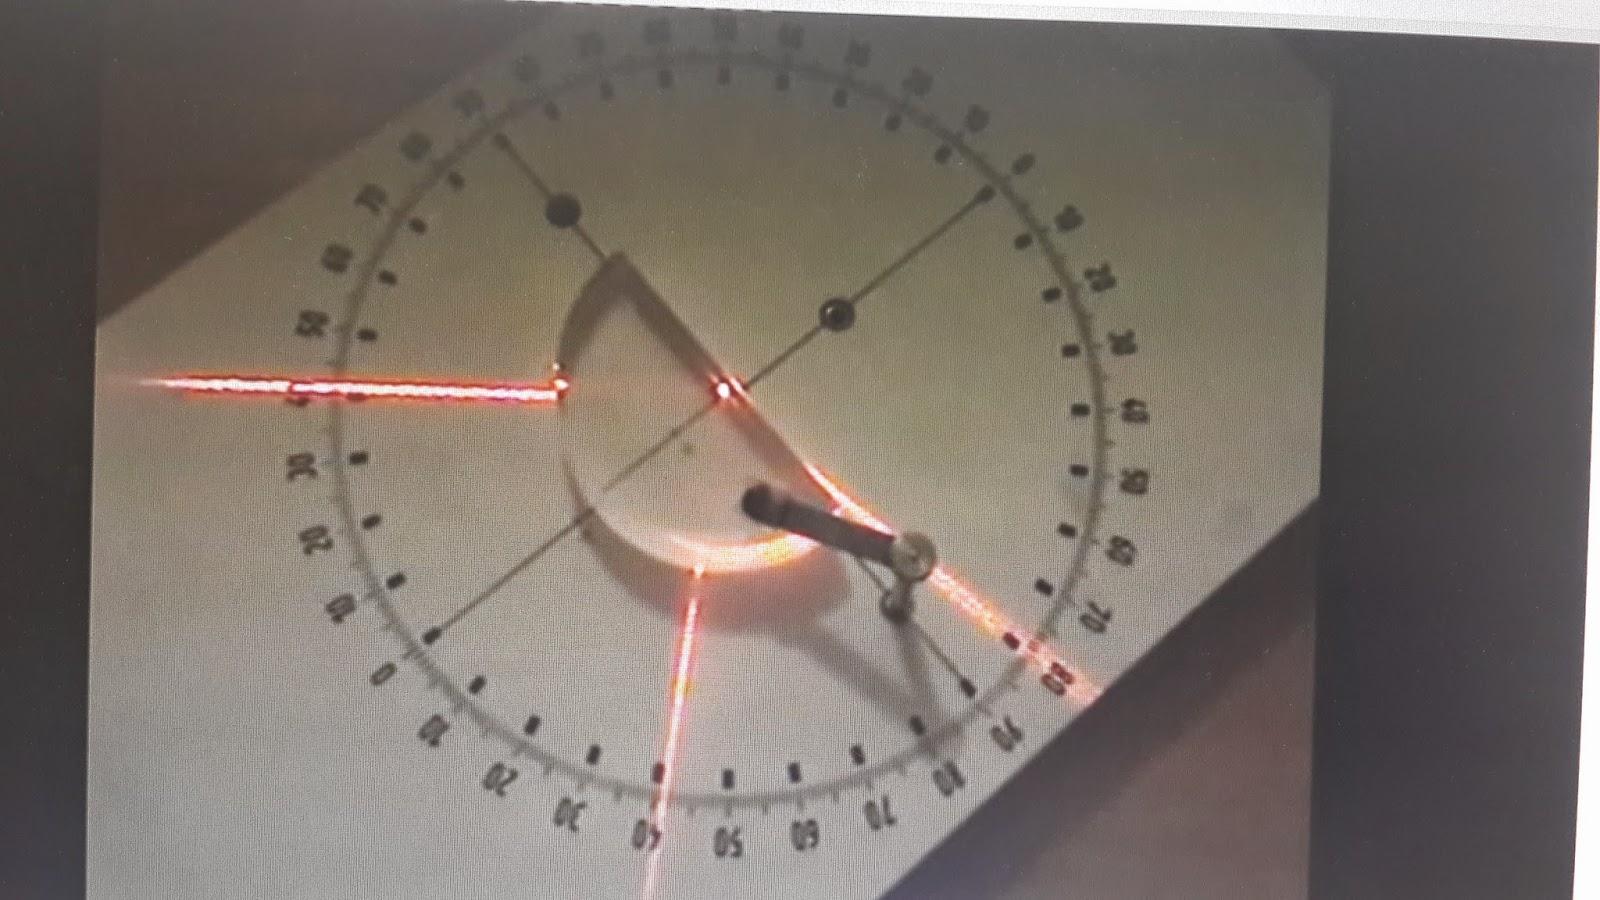 Physics4fun